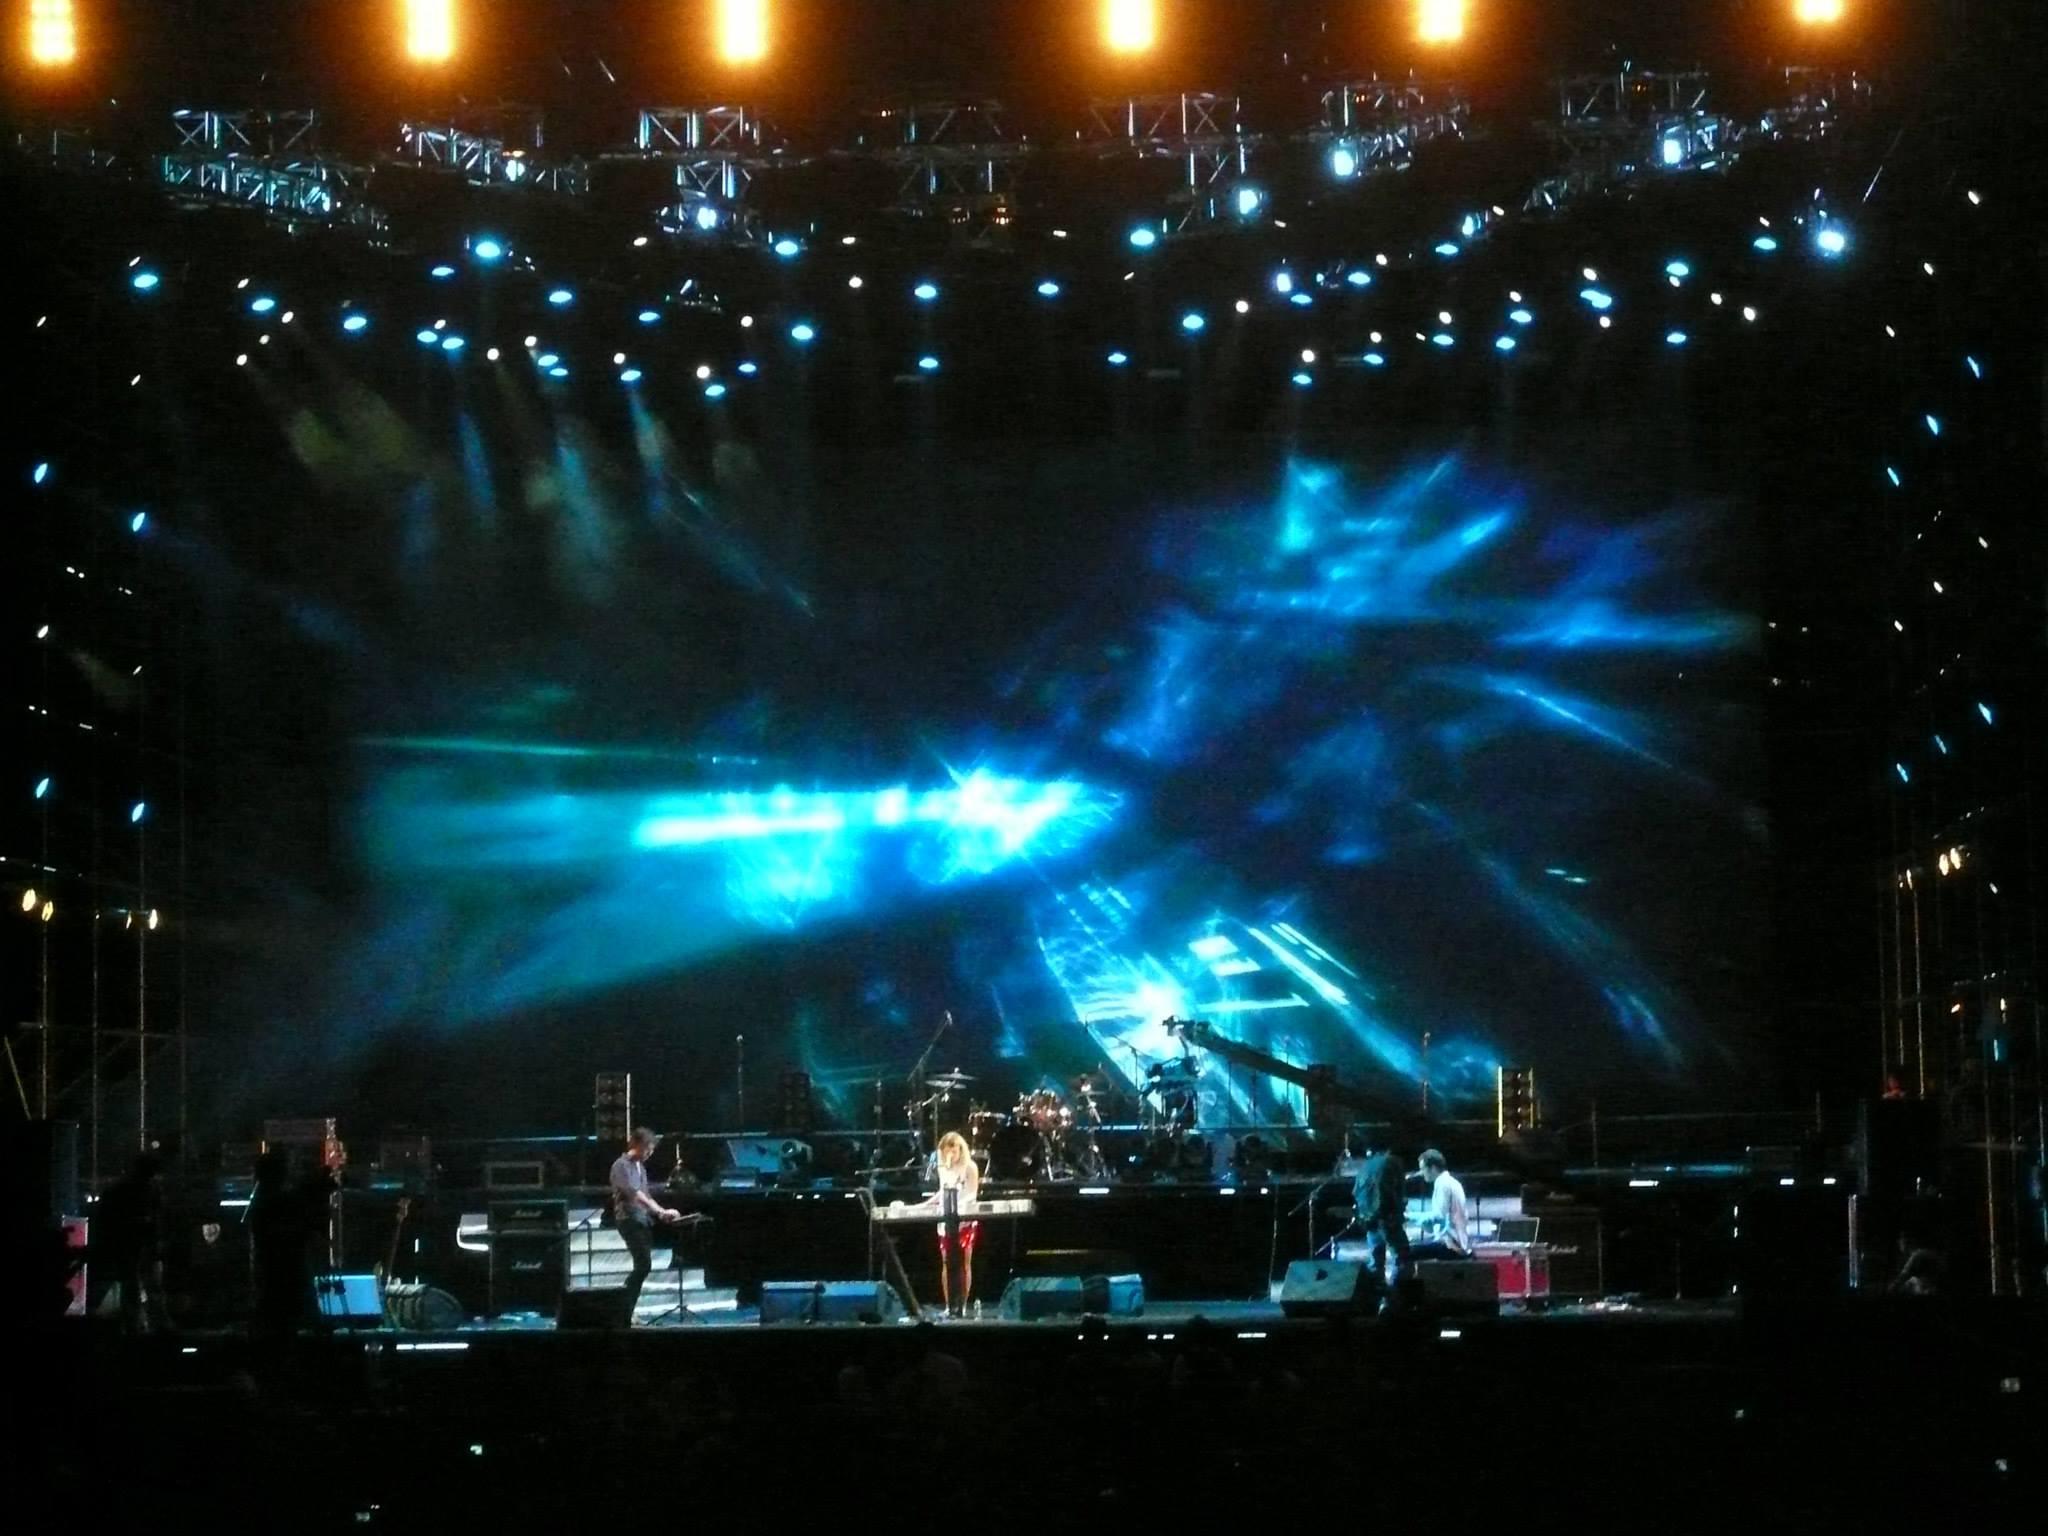 ZhuHaiBeachMusicFestival